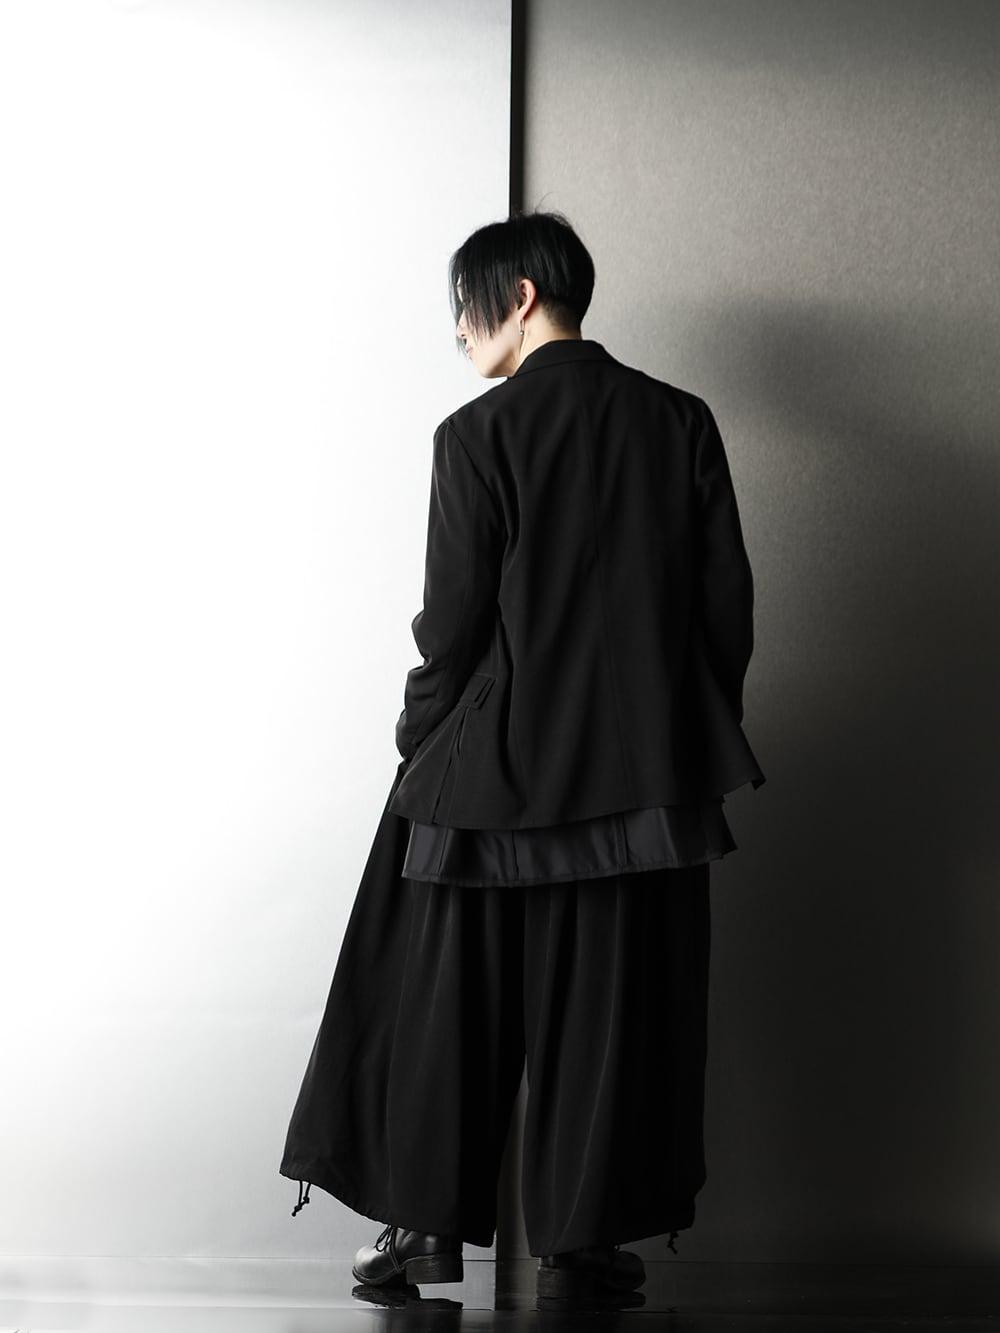 Ground Y x Kyosai Kawanabe Collaboration Shirt Styling - 1-003